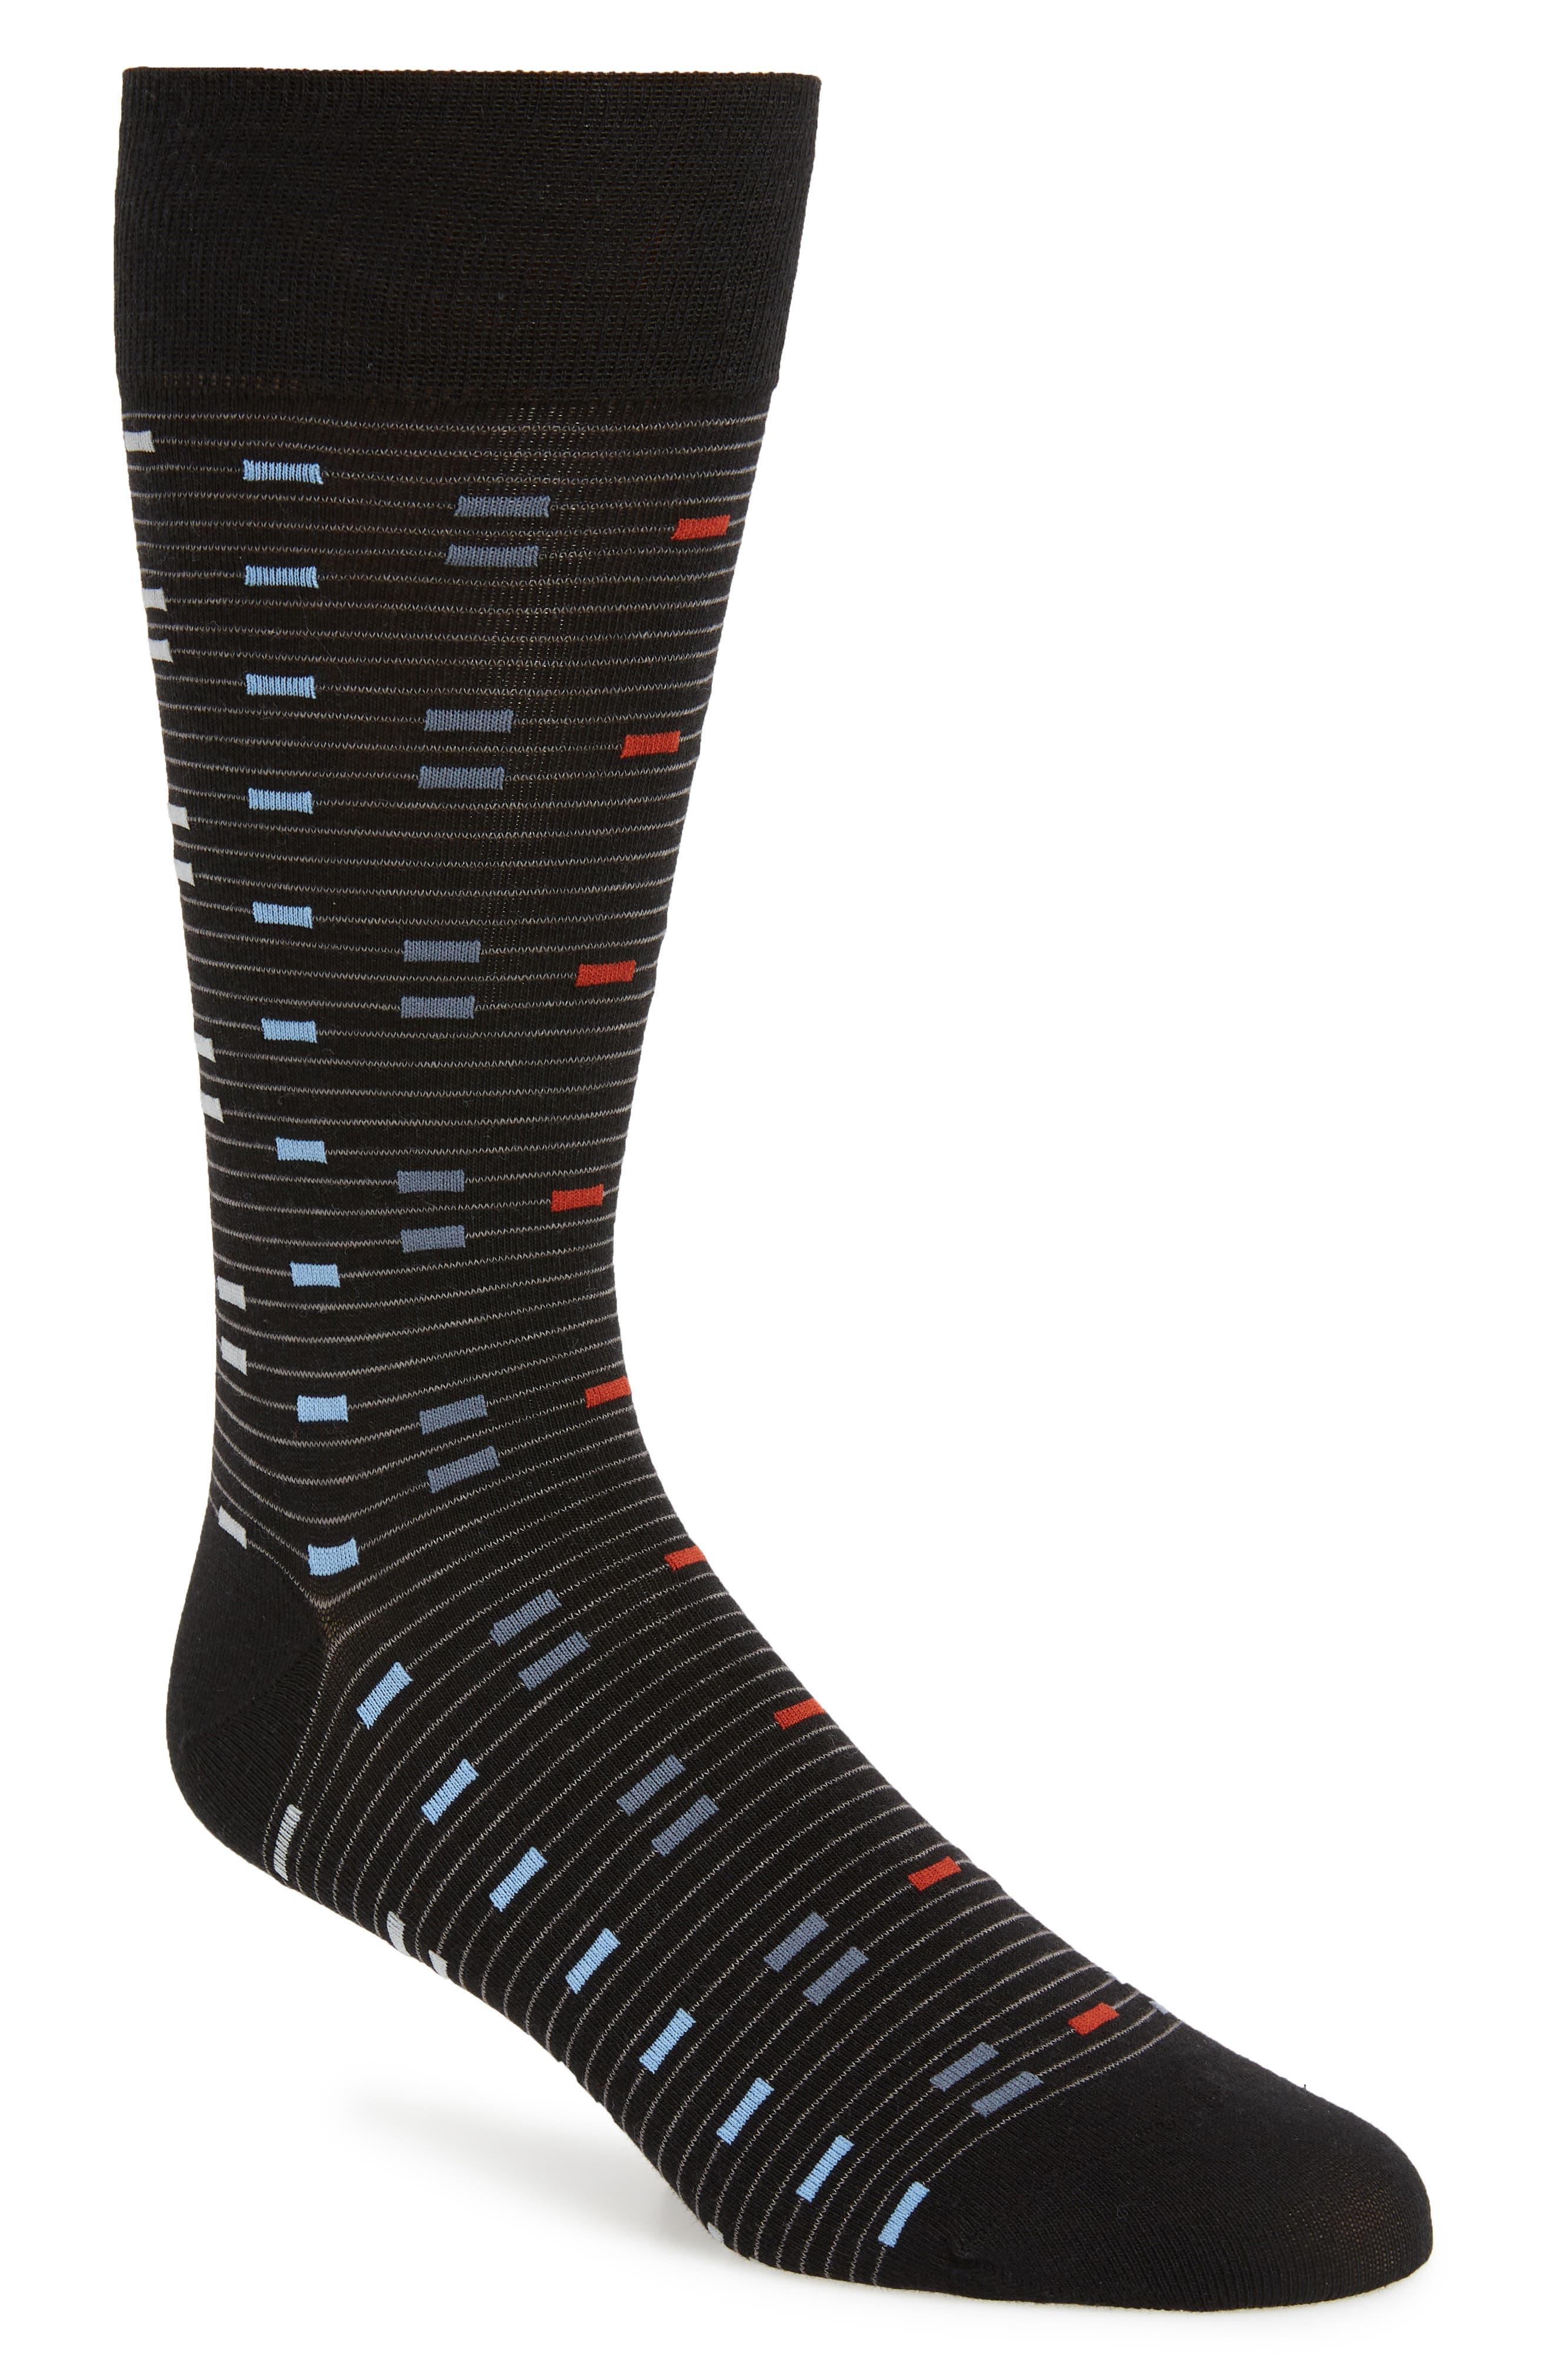 Vintage Men's Socks History-1900 to 1960s Mens Cole Haan Digital Stripe Socks $4.98 AT vintagedancer.com